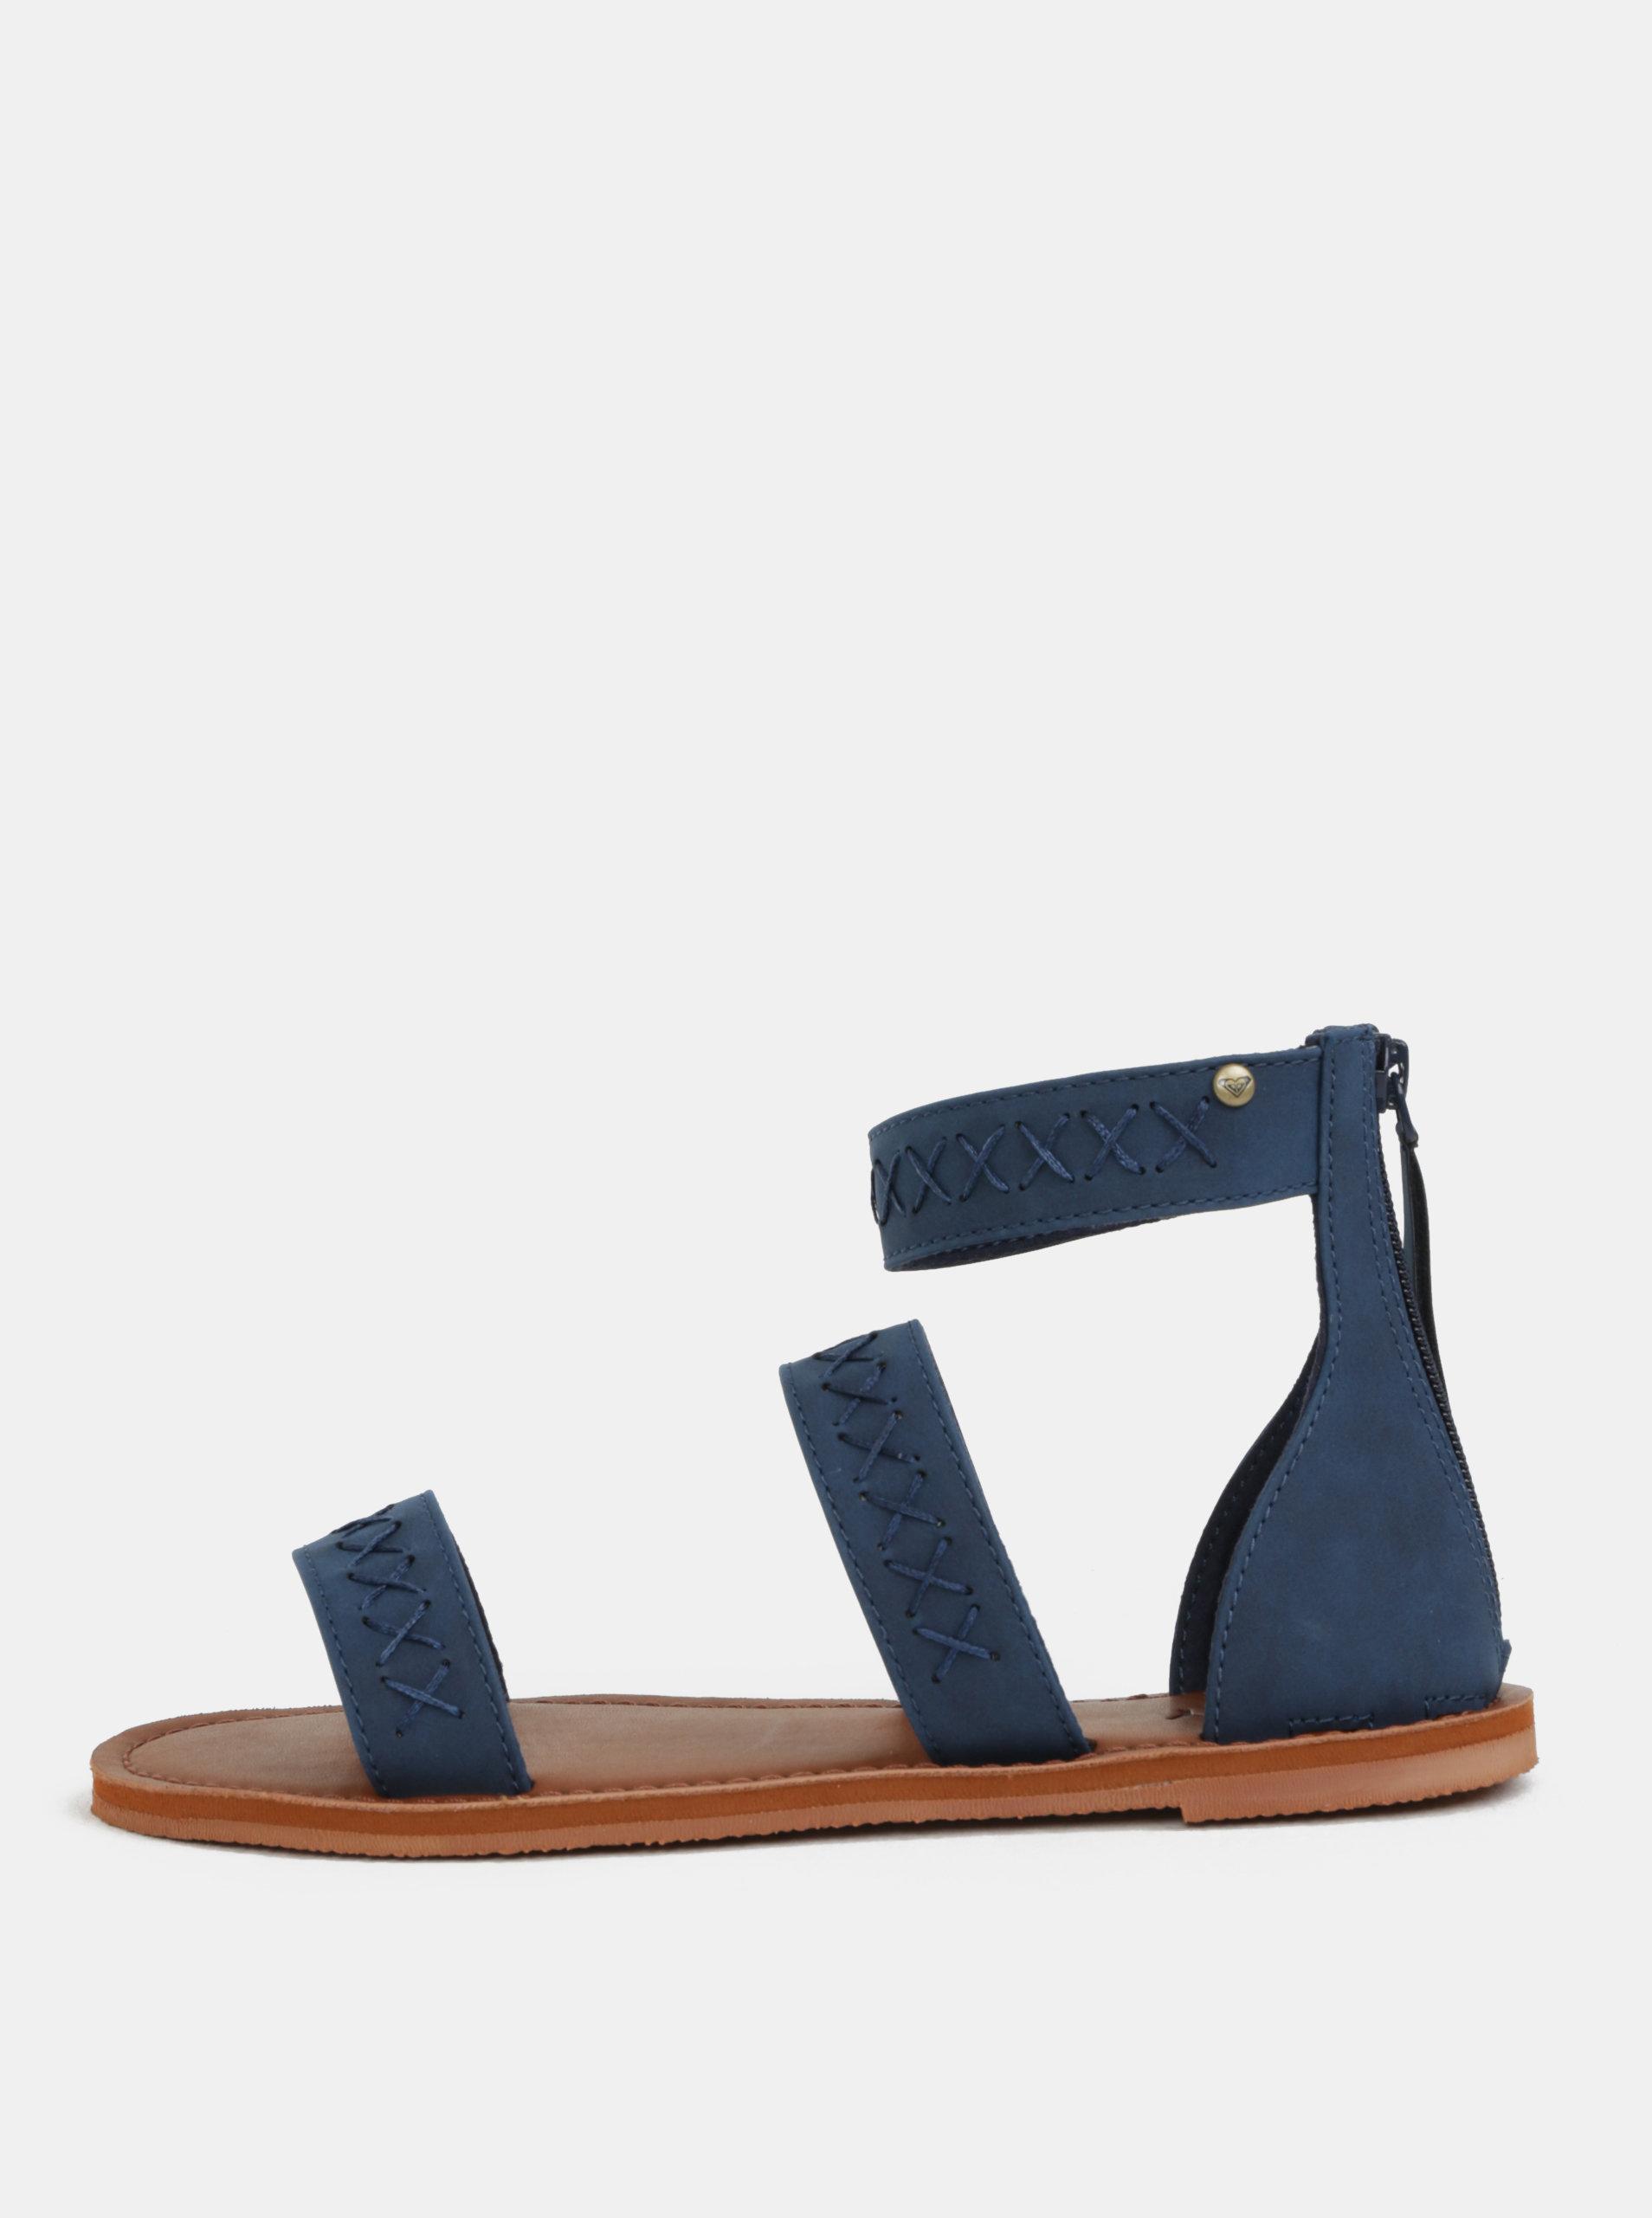 6a180bfccdea Tmavomodré sandále s prešívaným vzorom Roxy Natalie ...